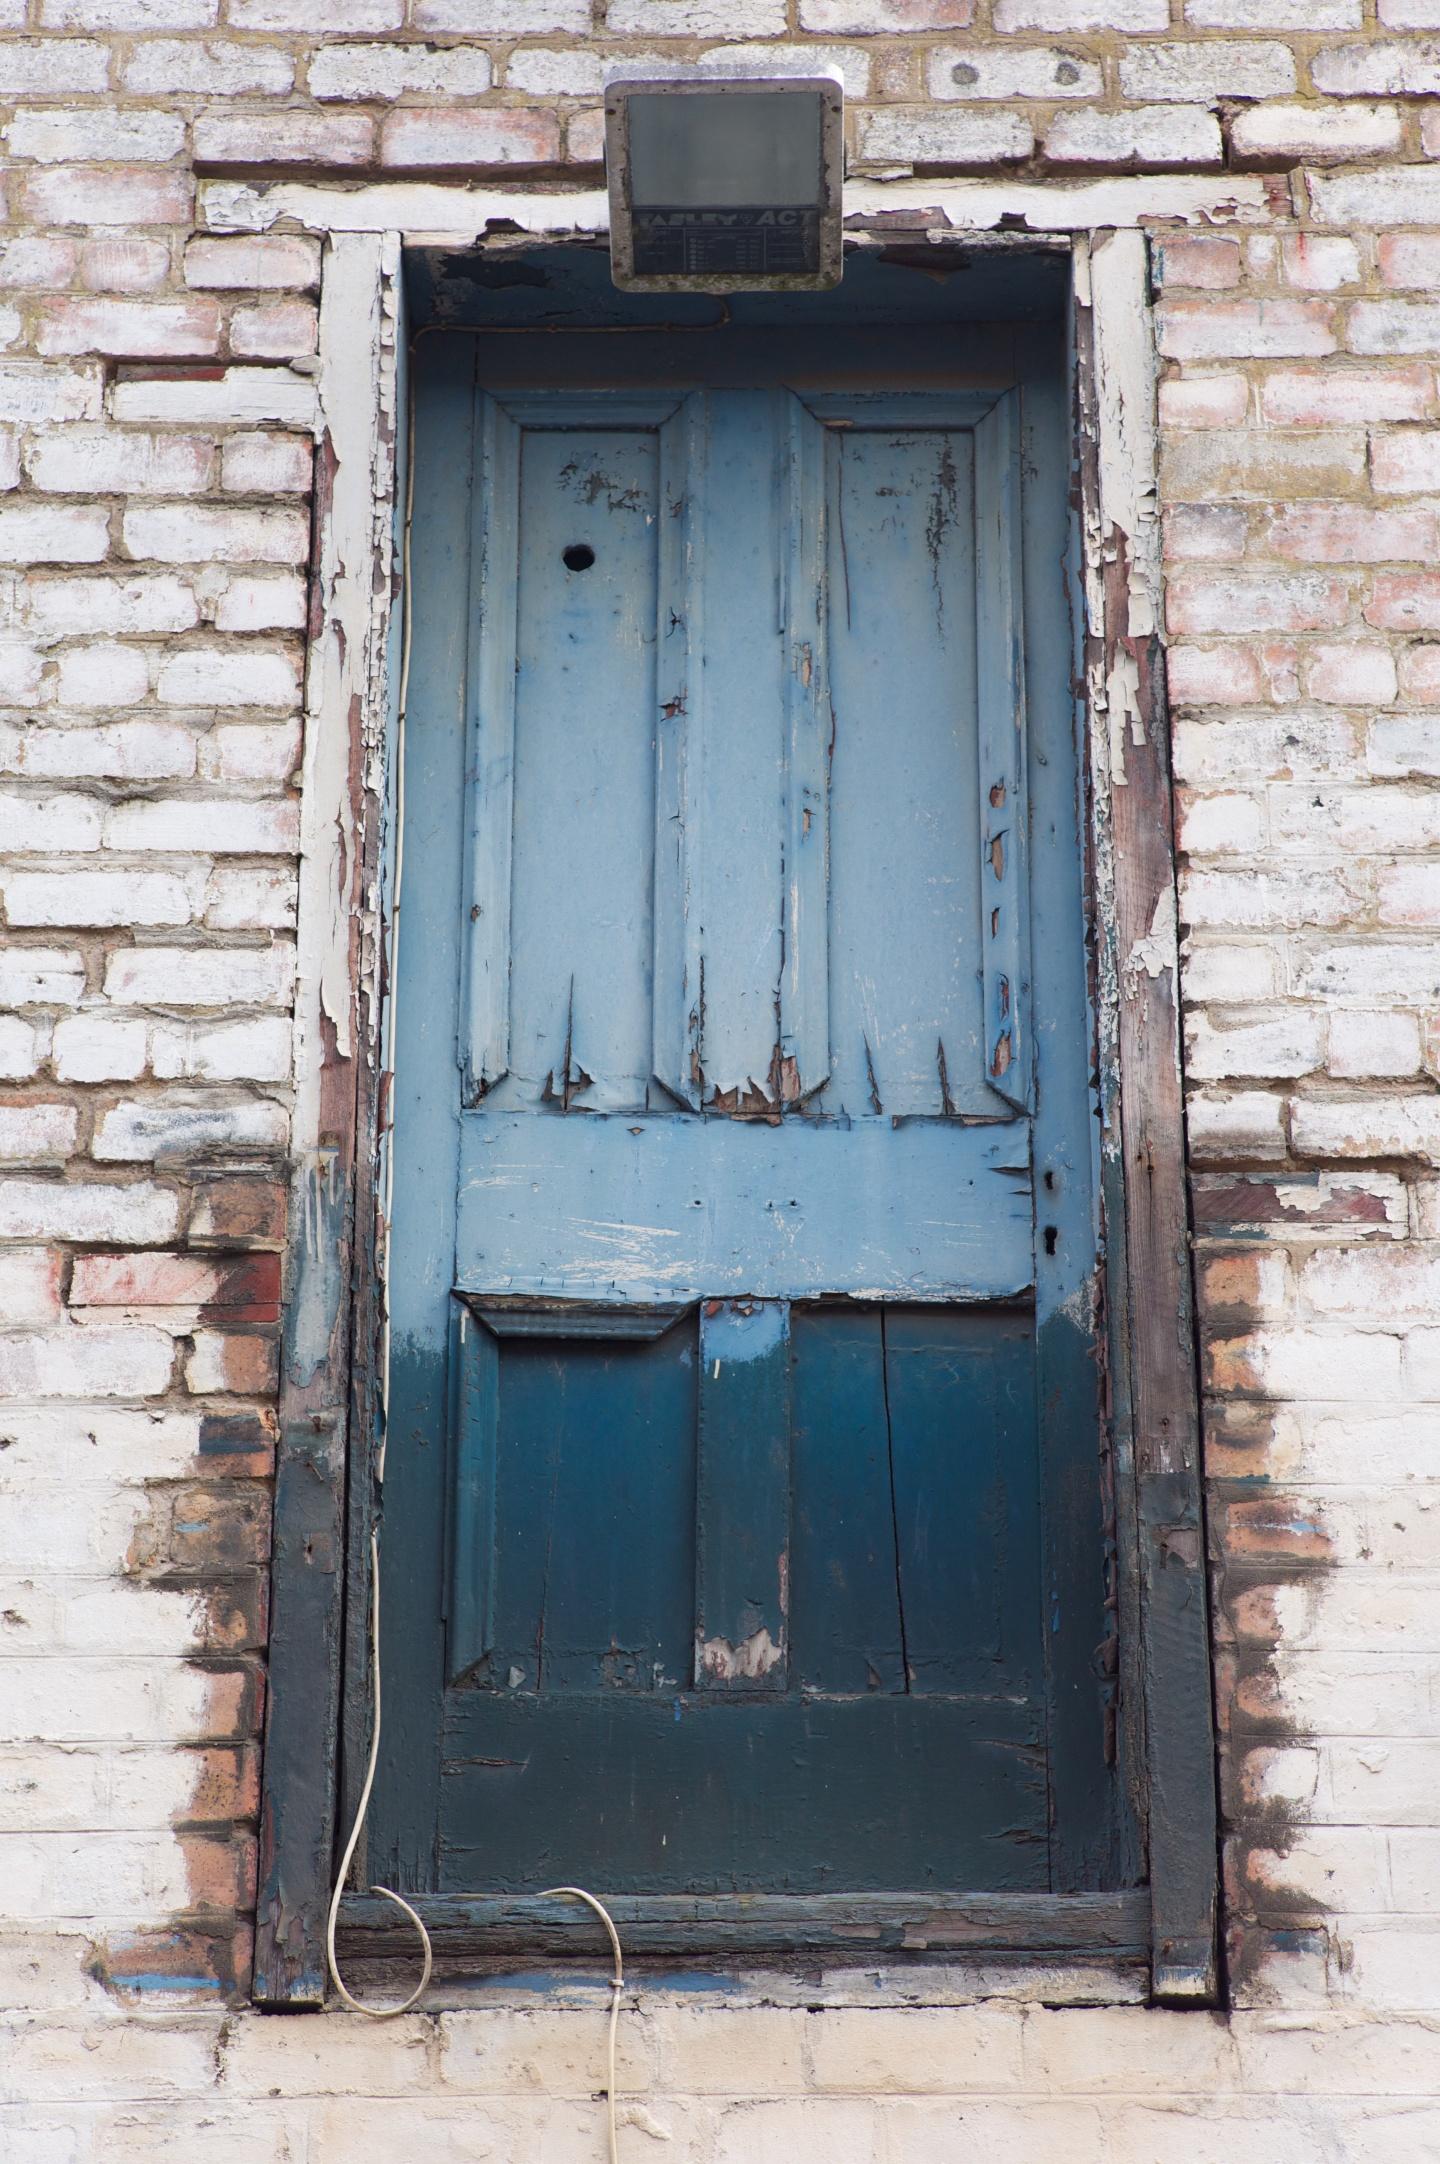 The doorway down thelane